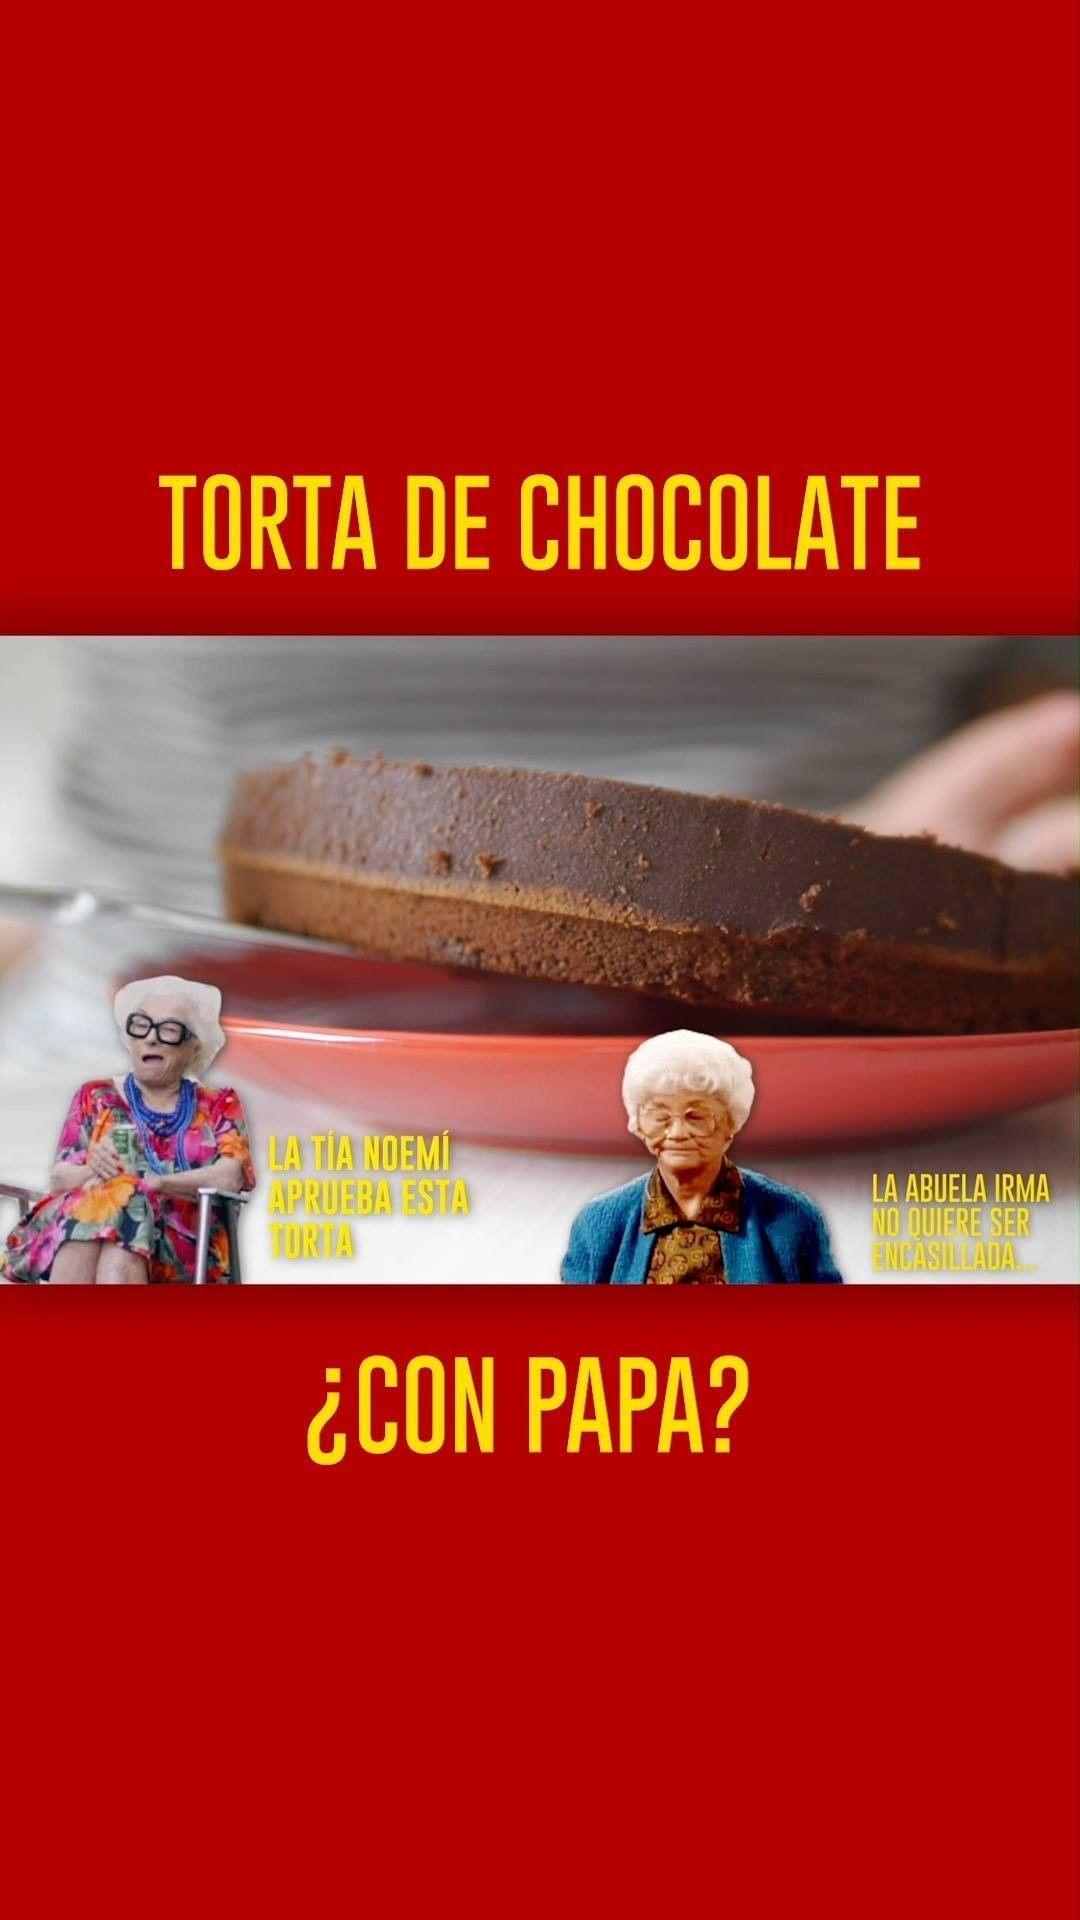 10 2 Mil Me Gusta 626 Comentarios Paulina Cocina Recetas Y Eso Paulinacocina En Instagram Tiene Chocolate Tiene Papa Superenlo Esta Buenisima Tv